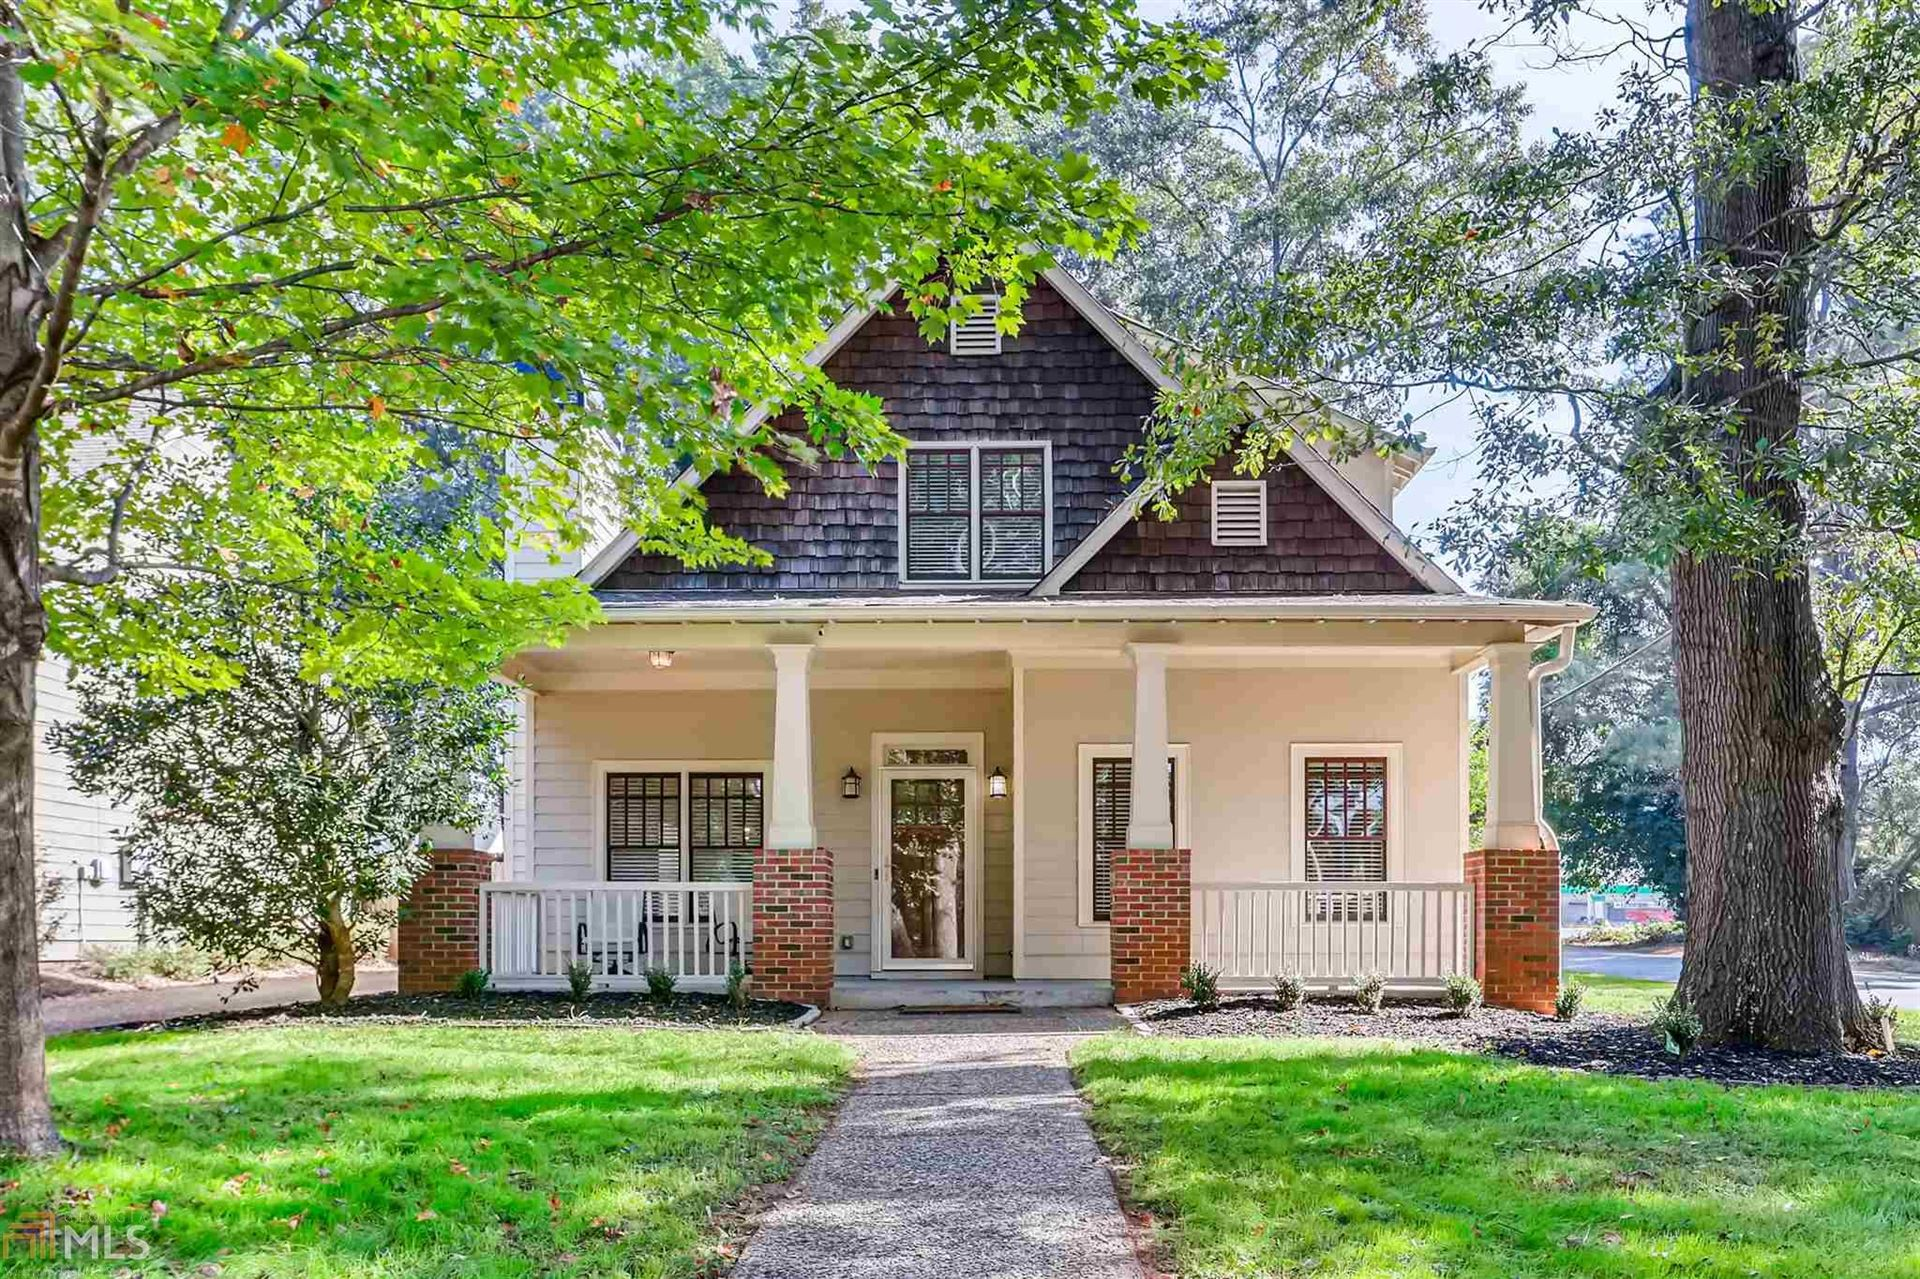 426 Morgan Pl, Atlanta, GA 30317 - MLS#: 8873042